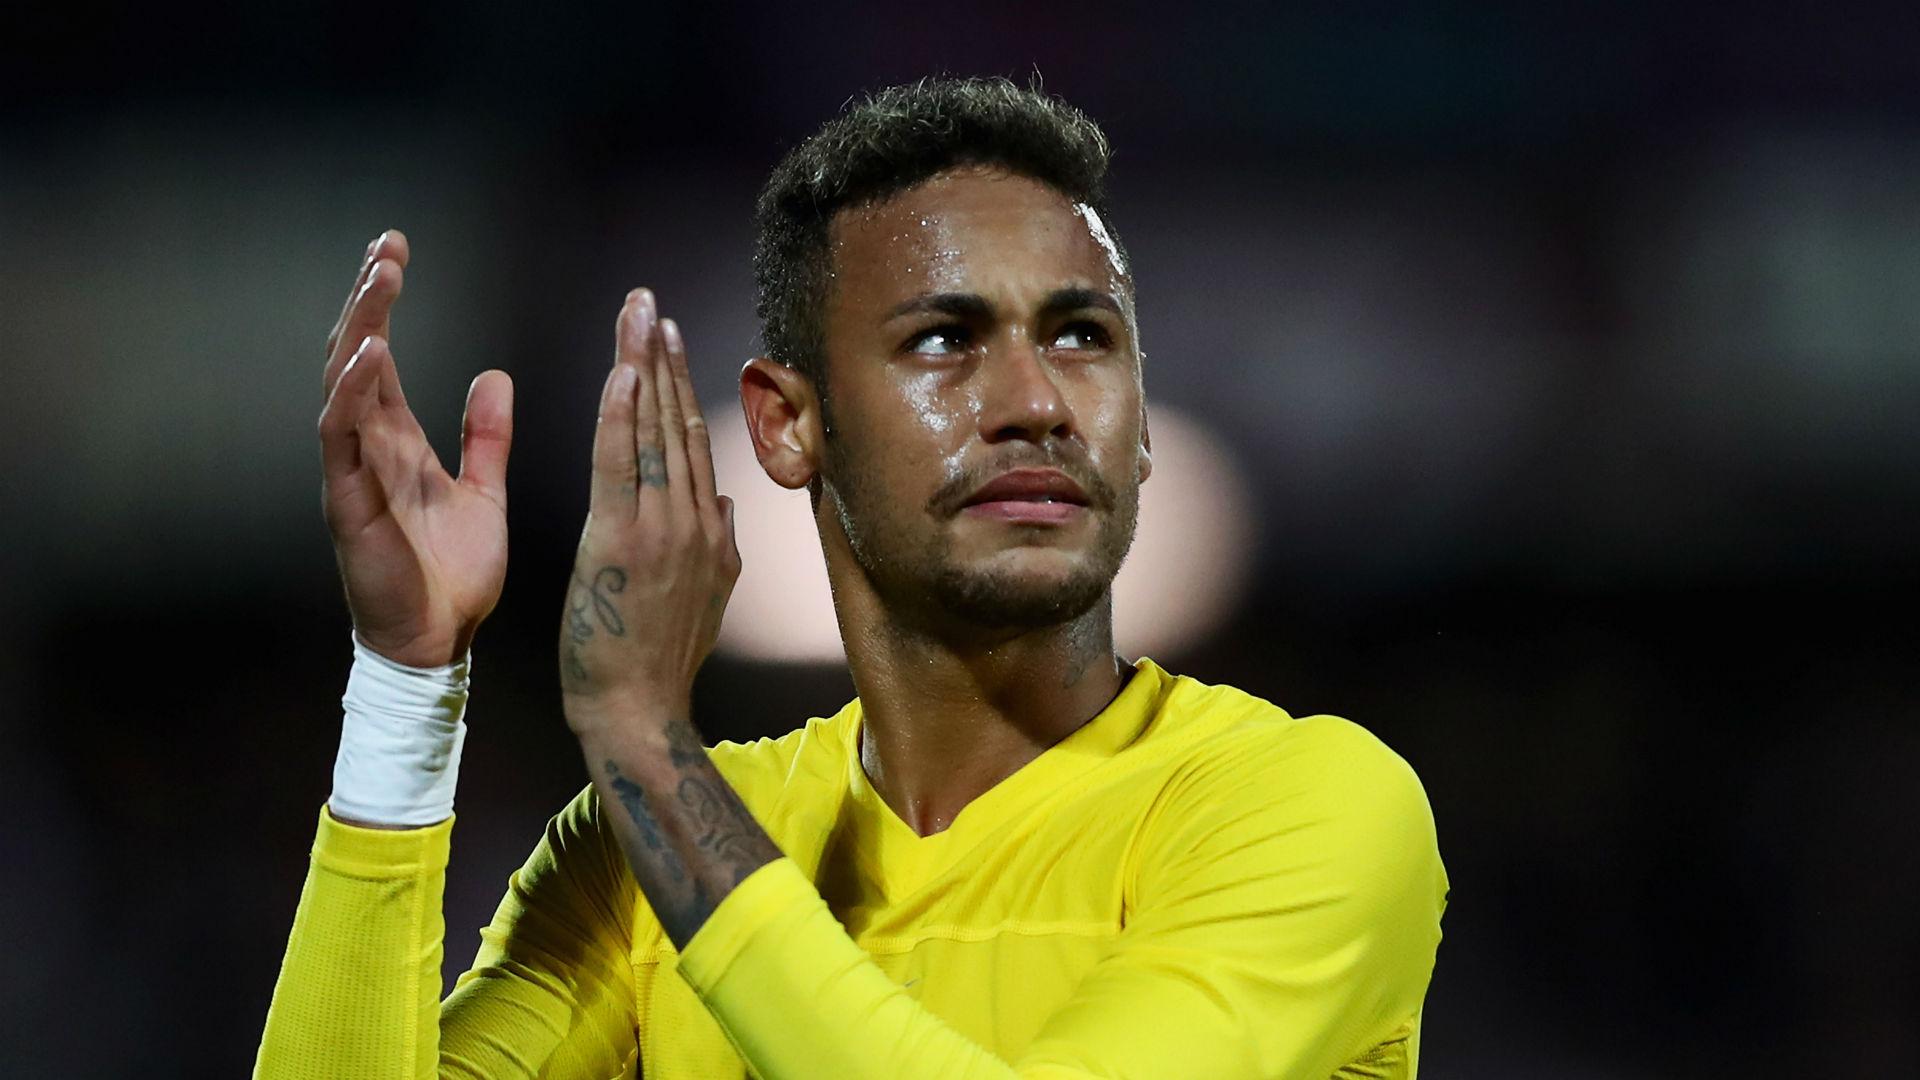 Neymar-cropped_8hb8mrpajxvz10ym8w8v9u2ut